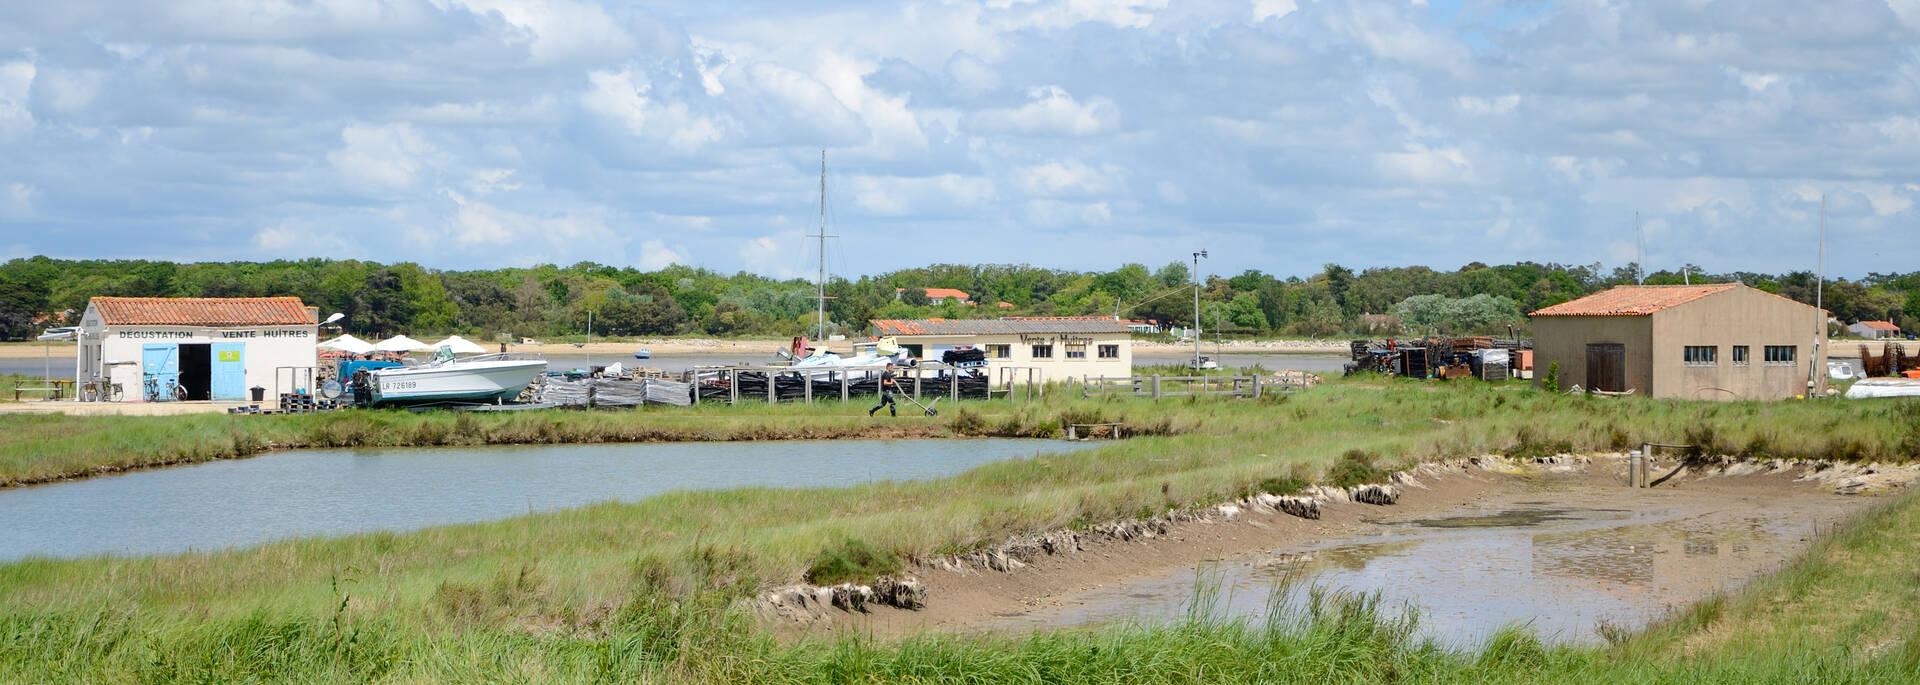 L ostr iculture au pays de fort boyard office de tourisme de rochefort oc an vacances - Office du tourisme rochefort sur mer ...